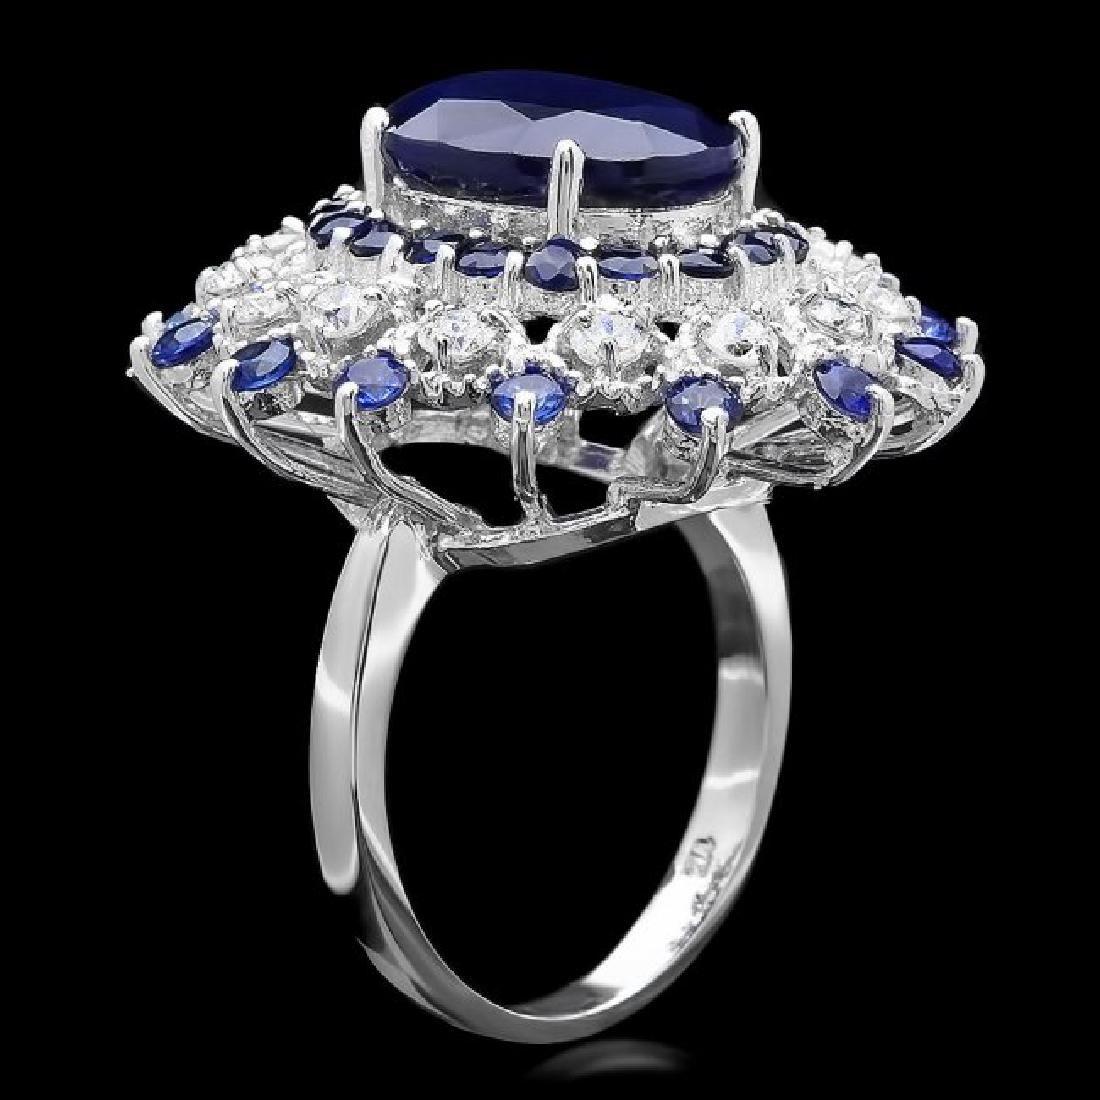 14k White Gold 9ct Sapphire 0.90ct Diamond Ring - 2